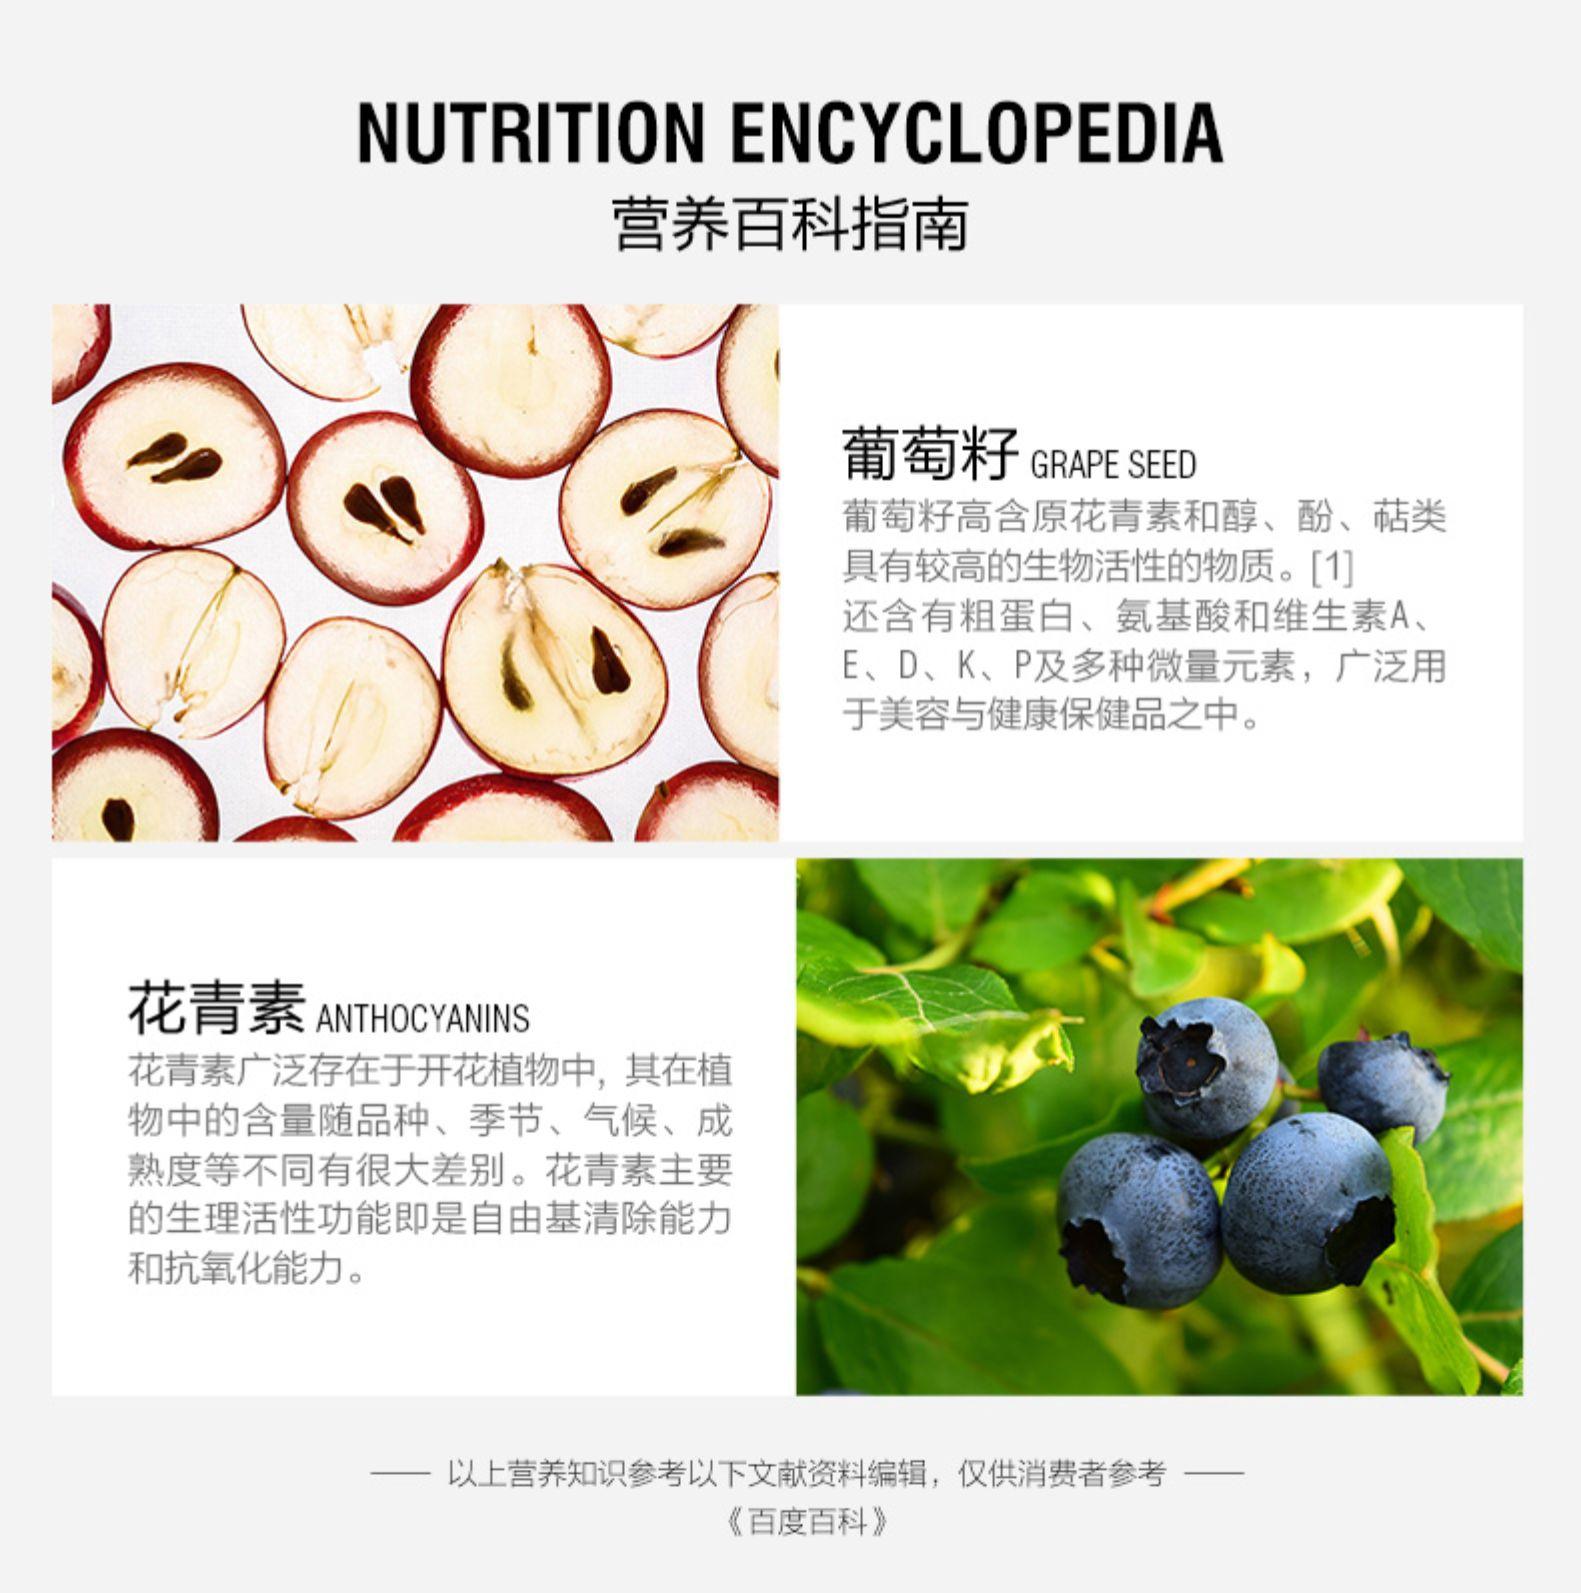 澳洲进口swisse 葡萄籽片 60粒 原花青素精华提取物 我们的产品 第3张